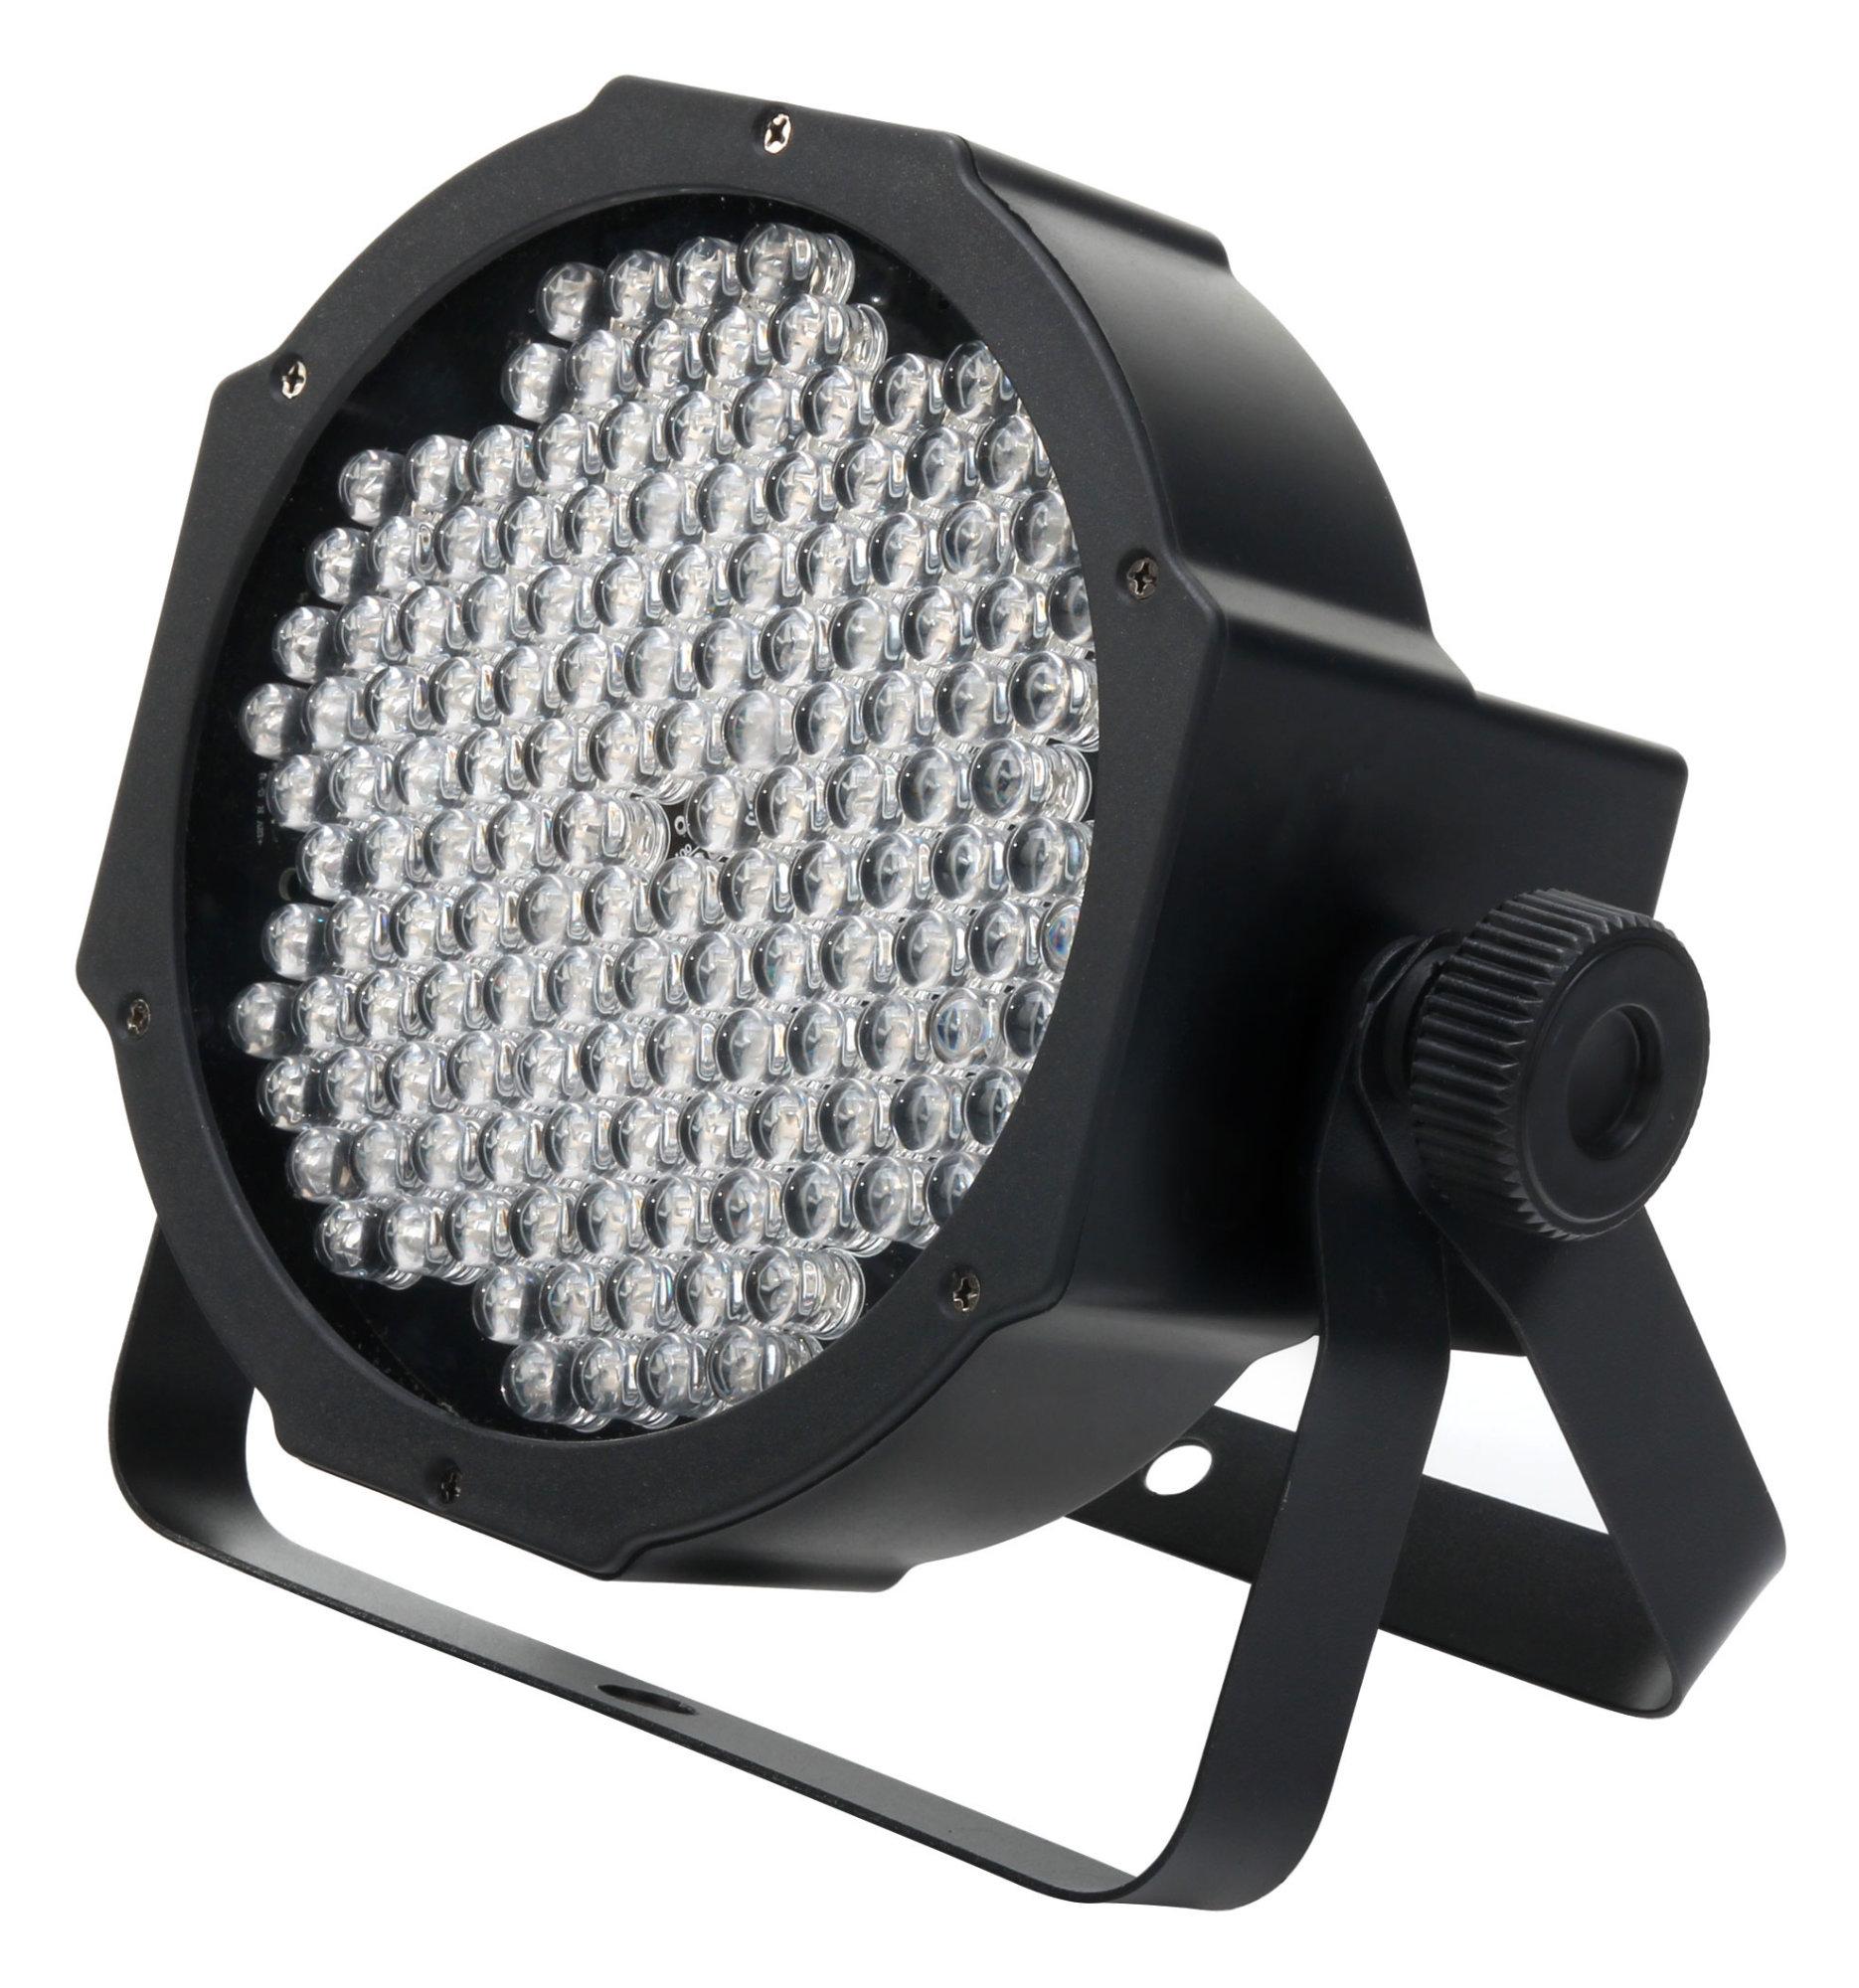 Scheinwerfer - Showlite FLP 144W RGBW Flatline Panel LED Scheinwerfer 144x 10 mm LED - Onlineshop Musikhaus Kirstein